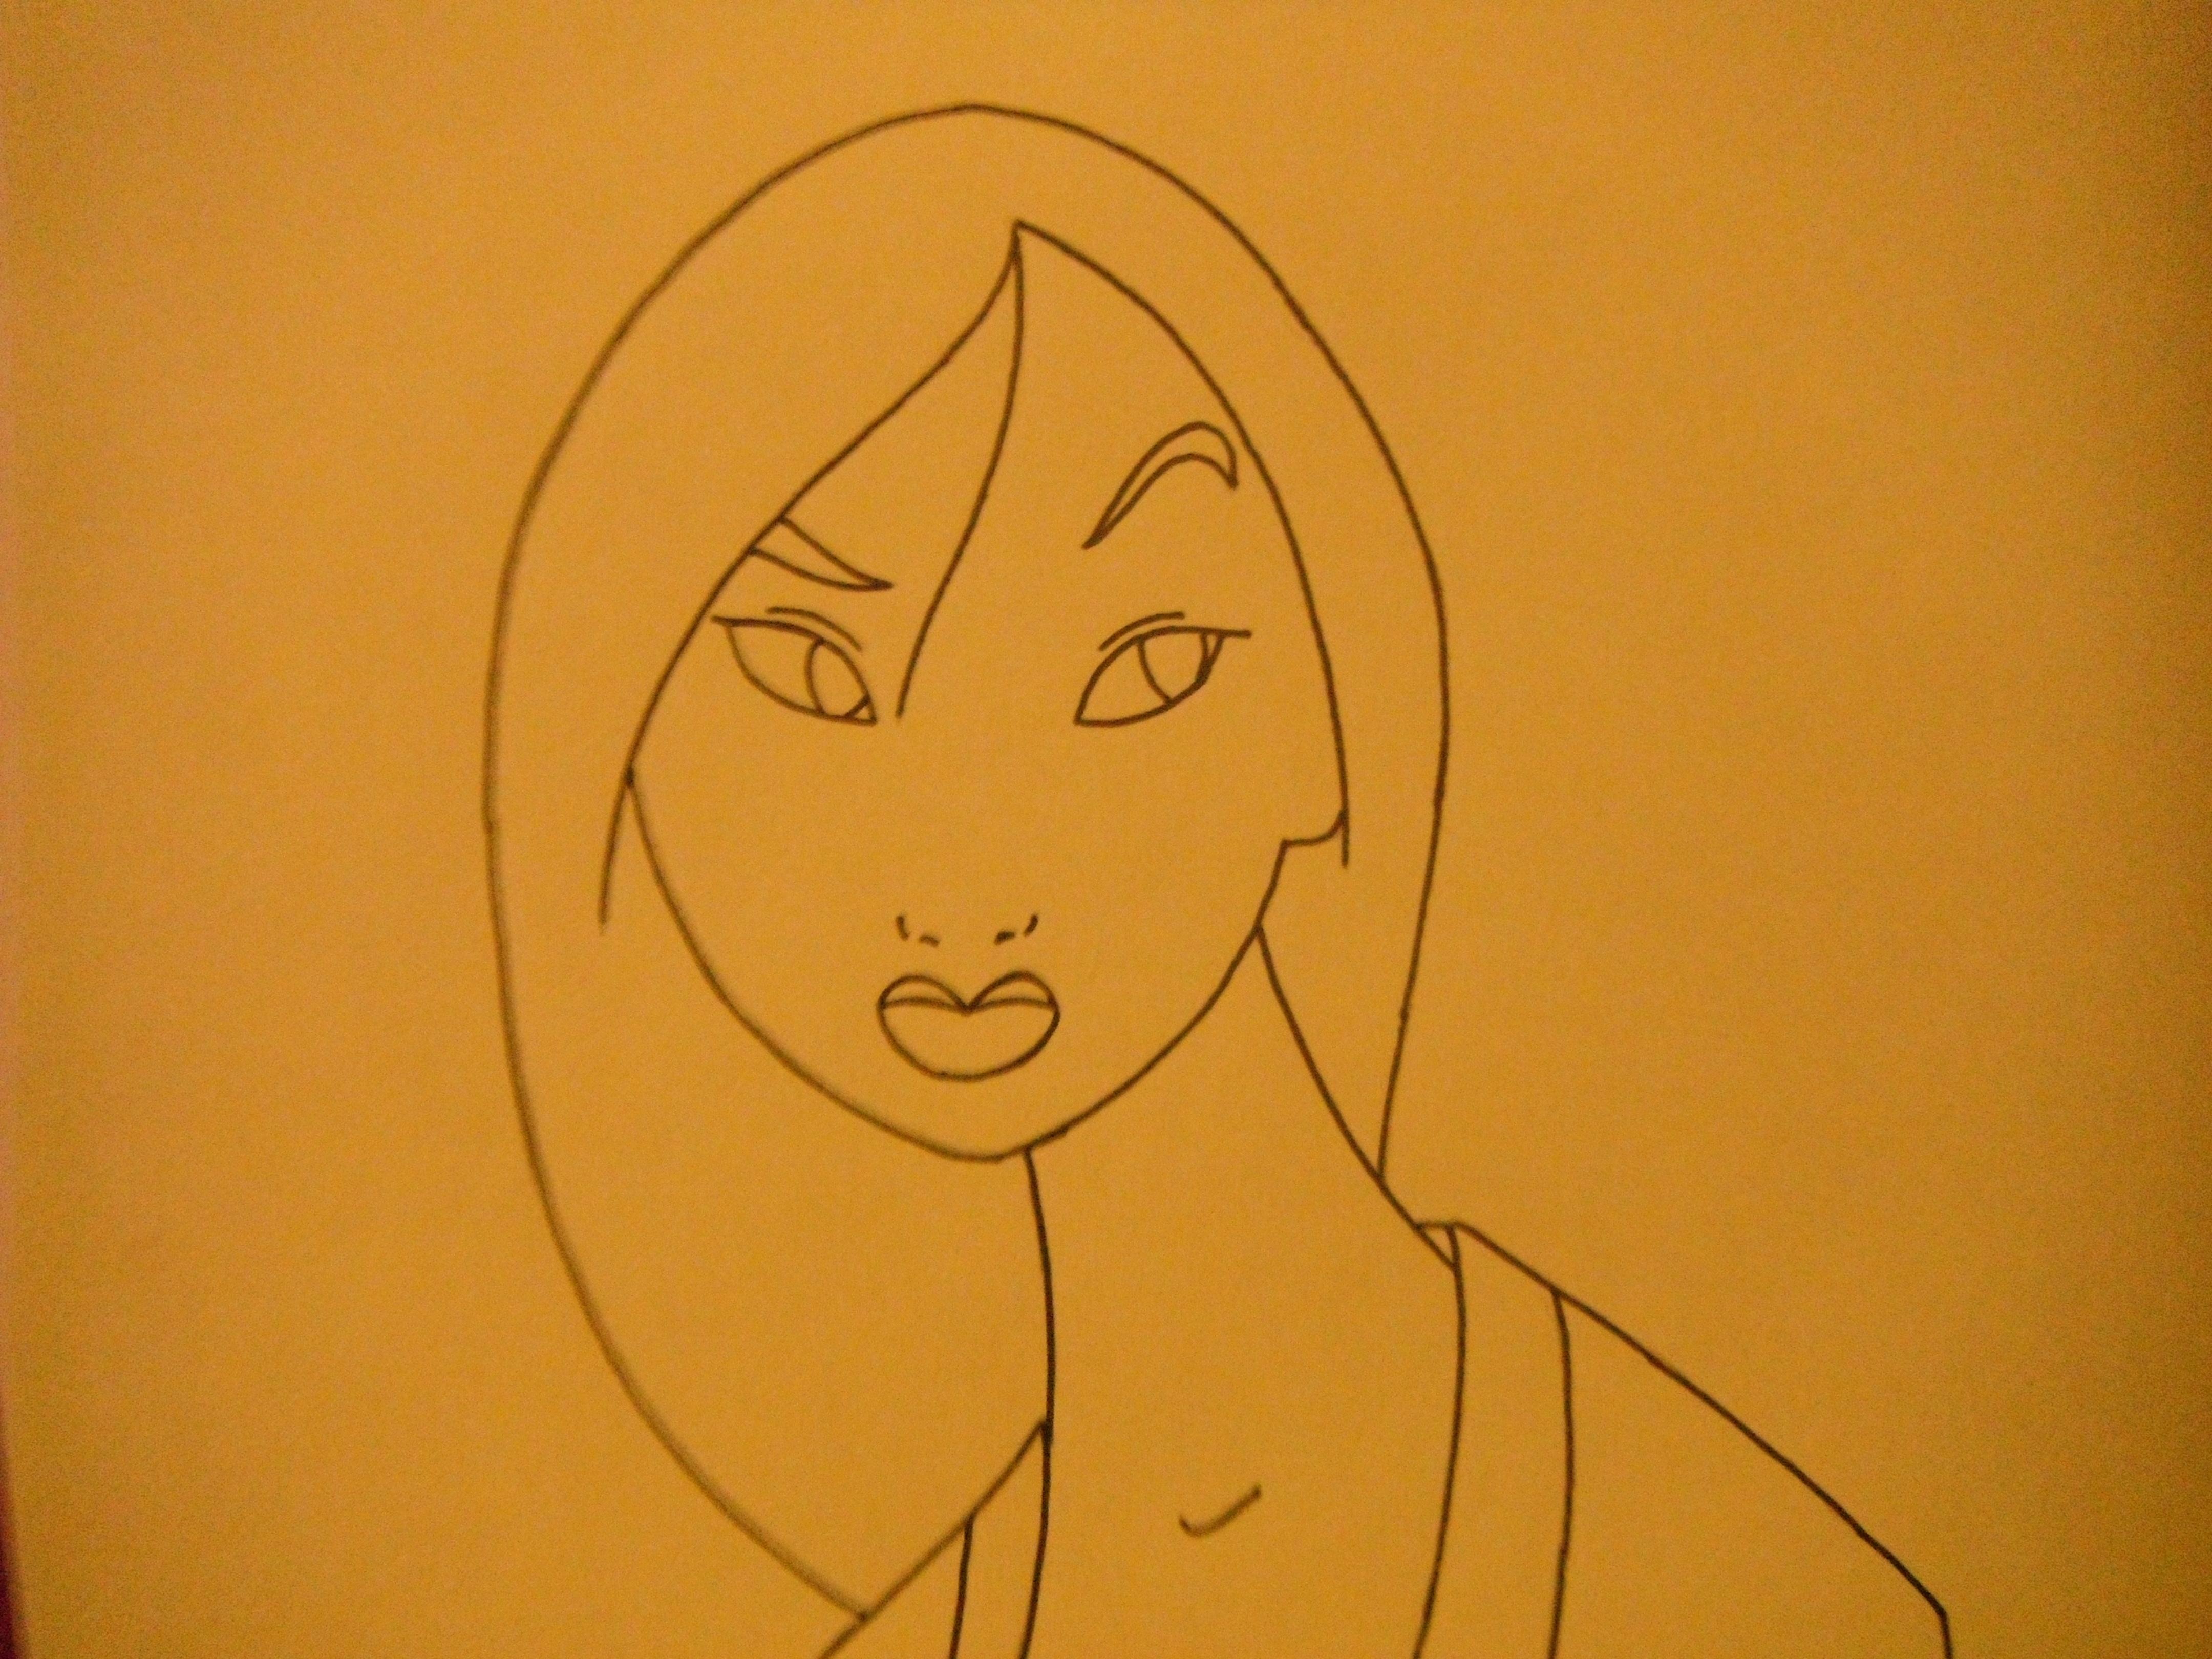 Mulan Coloring Pages Pdf : Mulan drawing at getdrawings free for personal use mulan